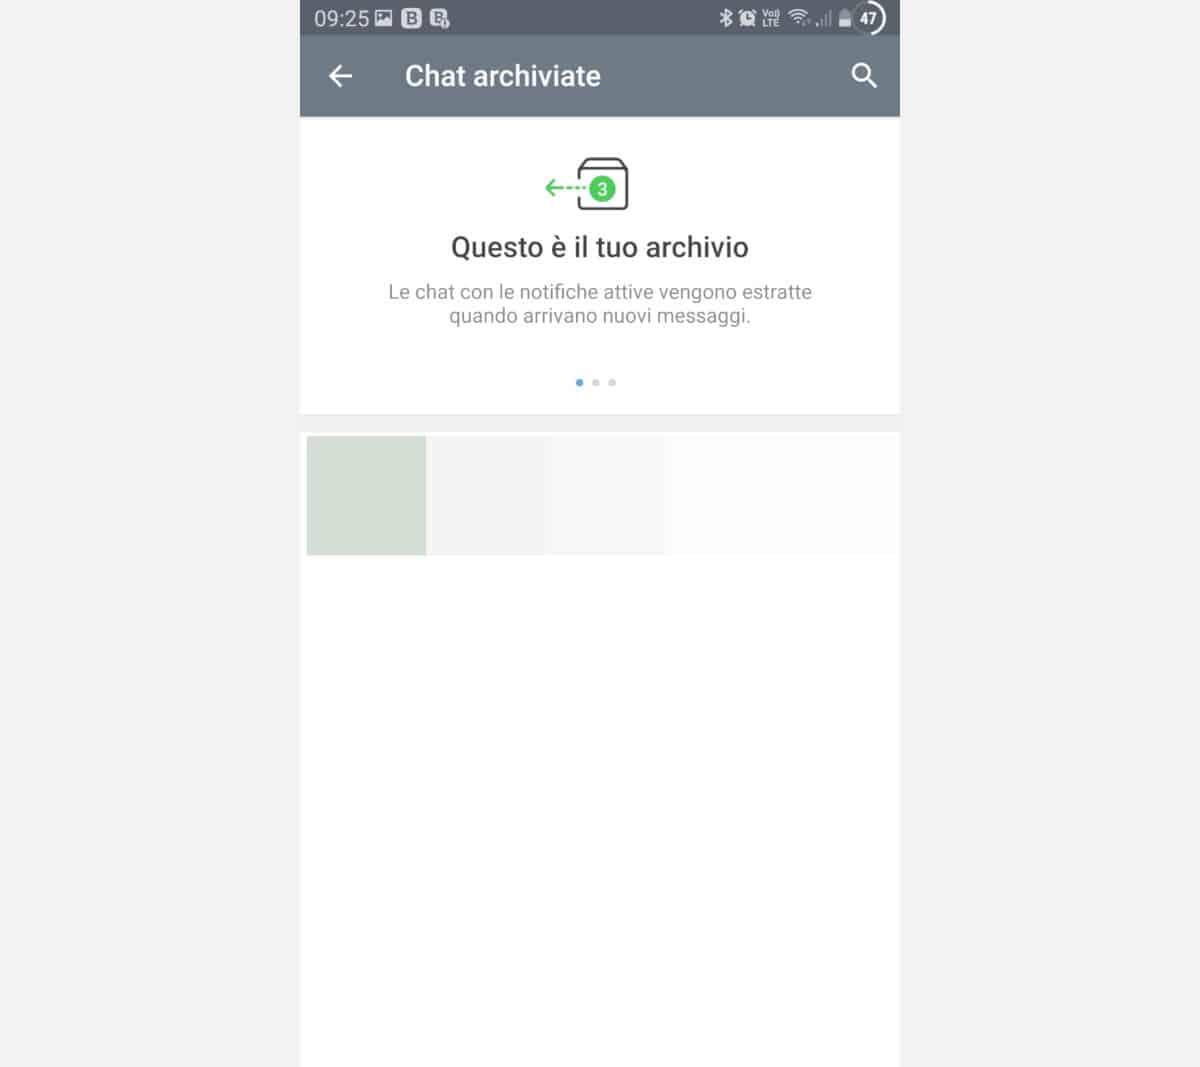 cercare su Telegram archivio chat